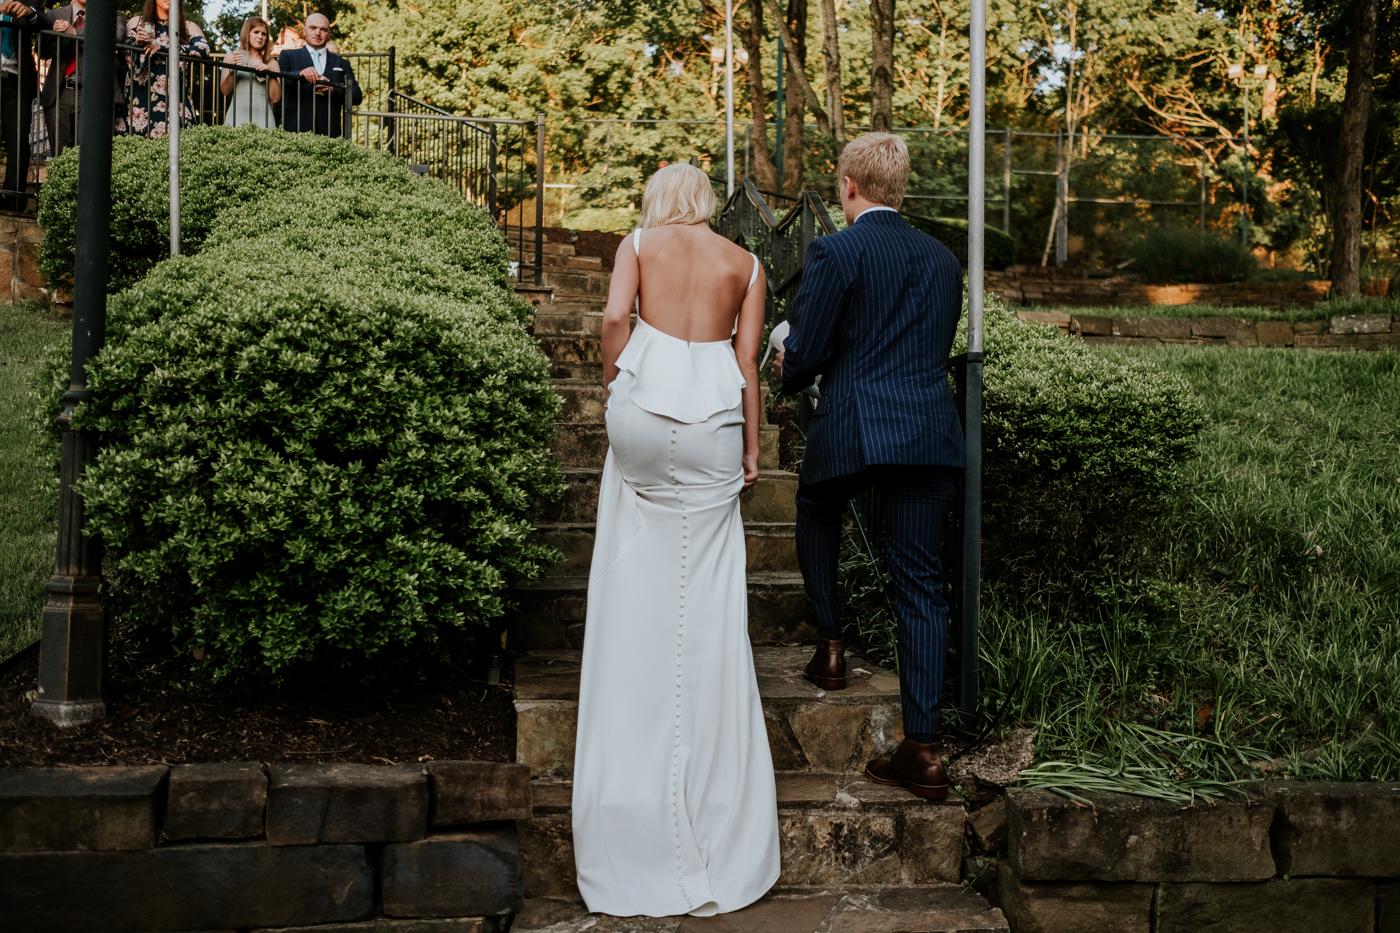 Sierra+Jacob.Wedding.Blog©mileswittboyer.com2018-133.jpg